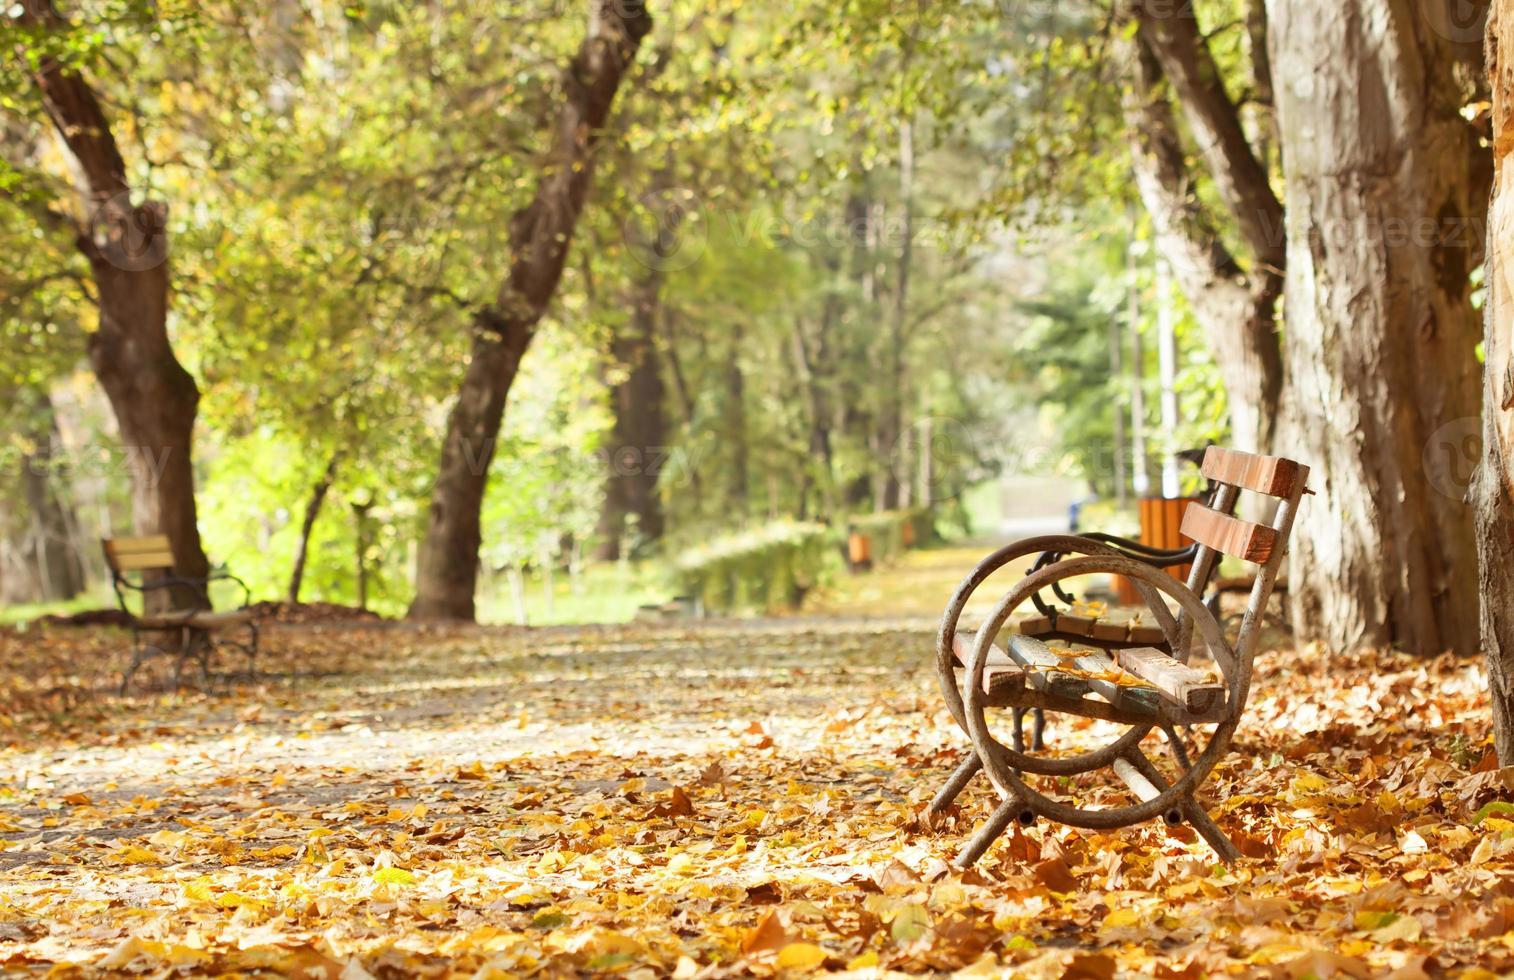 Wooden bench in autumn park photo